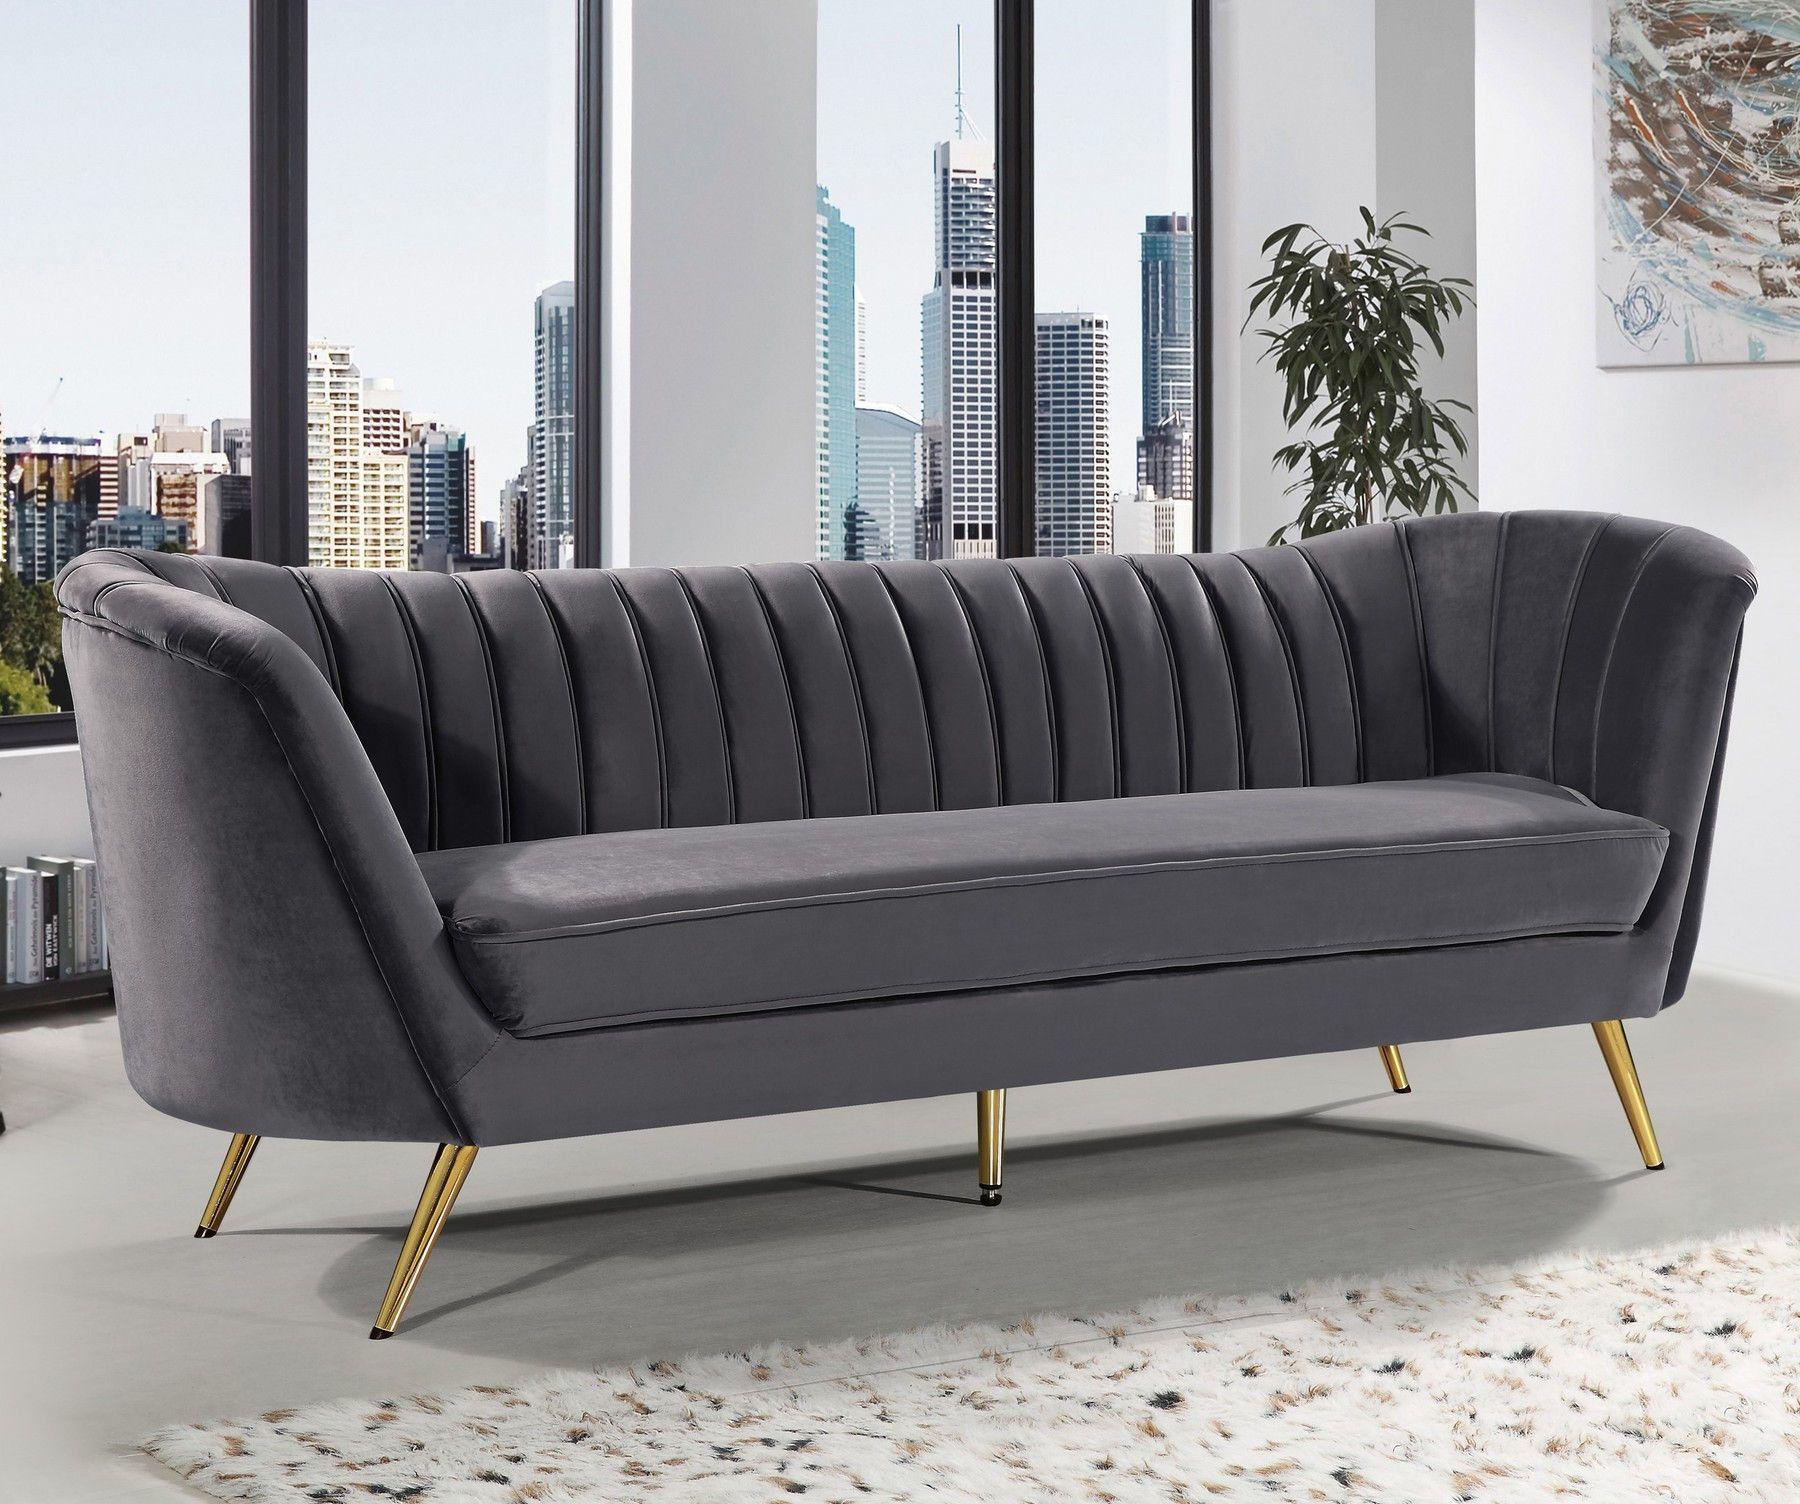 Margo Gray Sofa In 2020 Sofa Fabric Sofa Sofa Upholstery